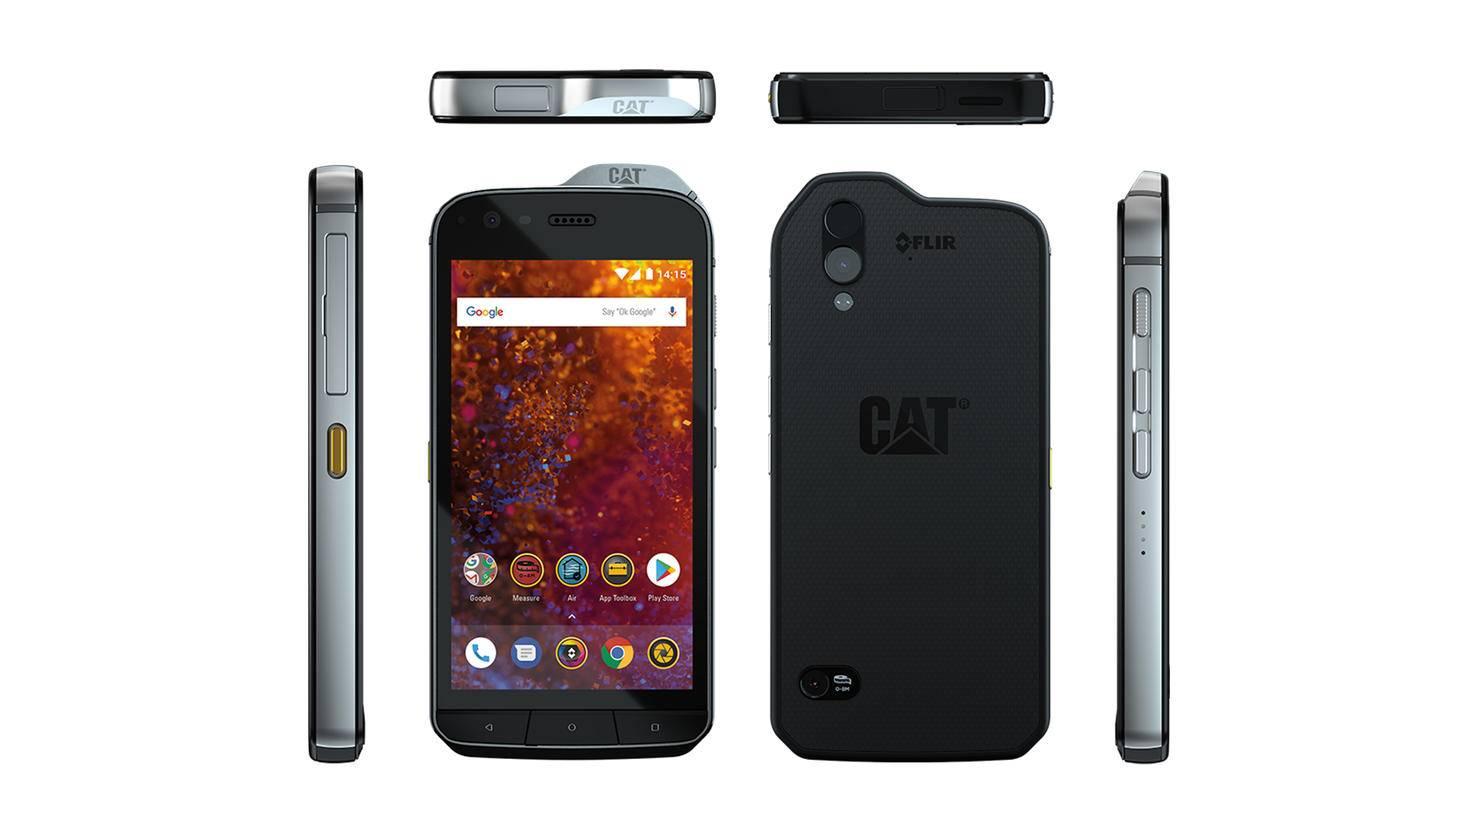 outdoor-smartphone-caterpillar-cat-s61